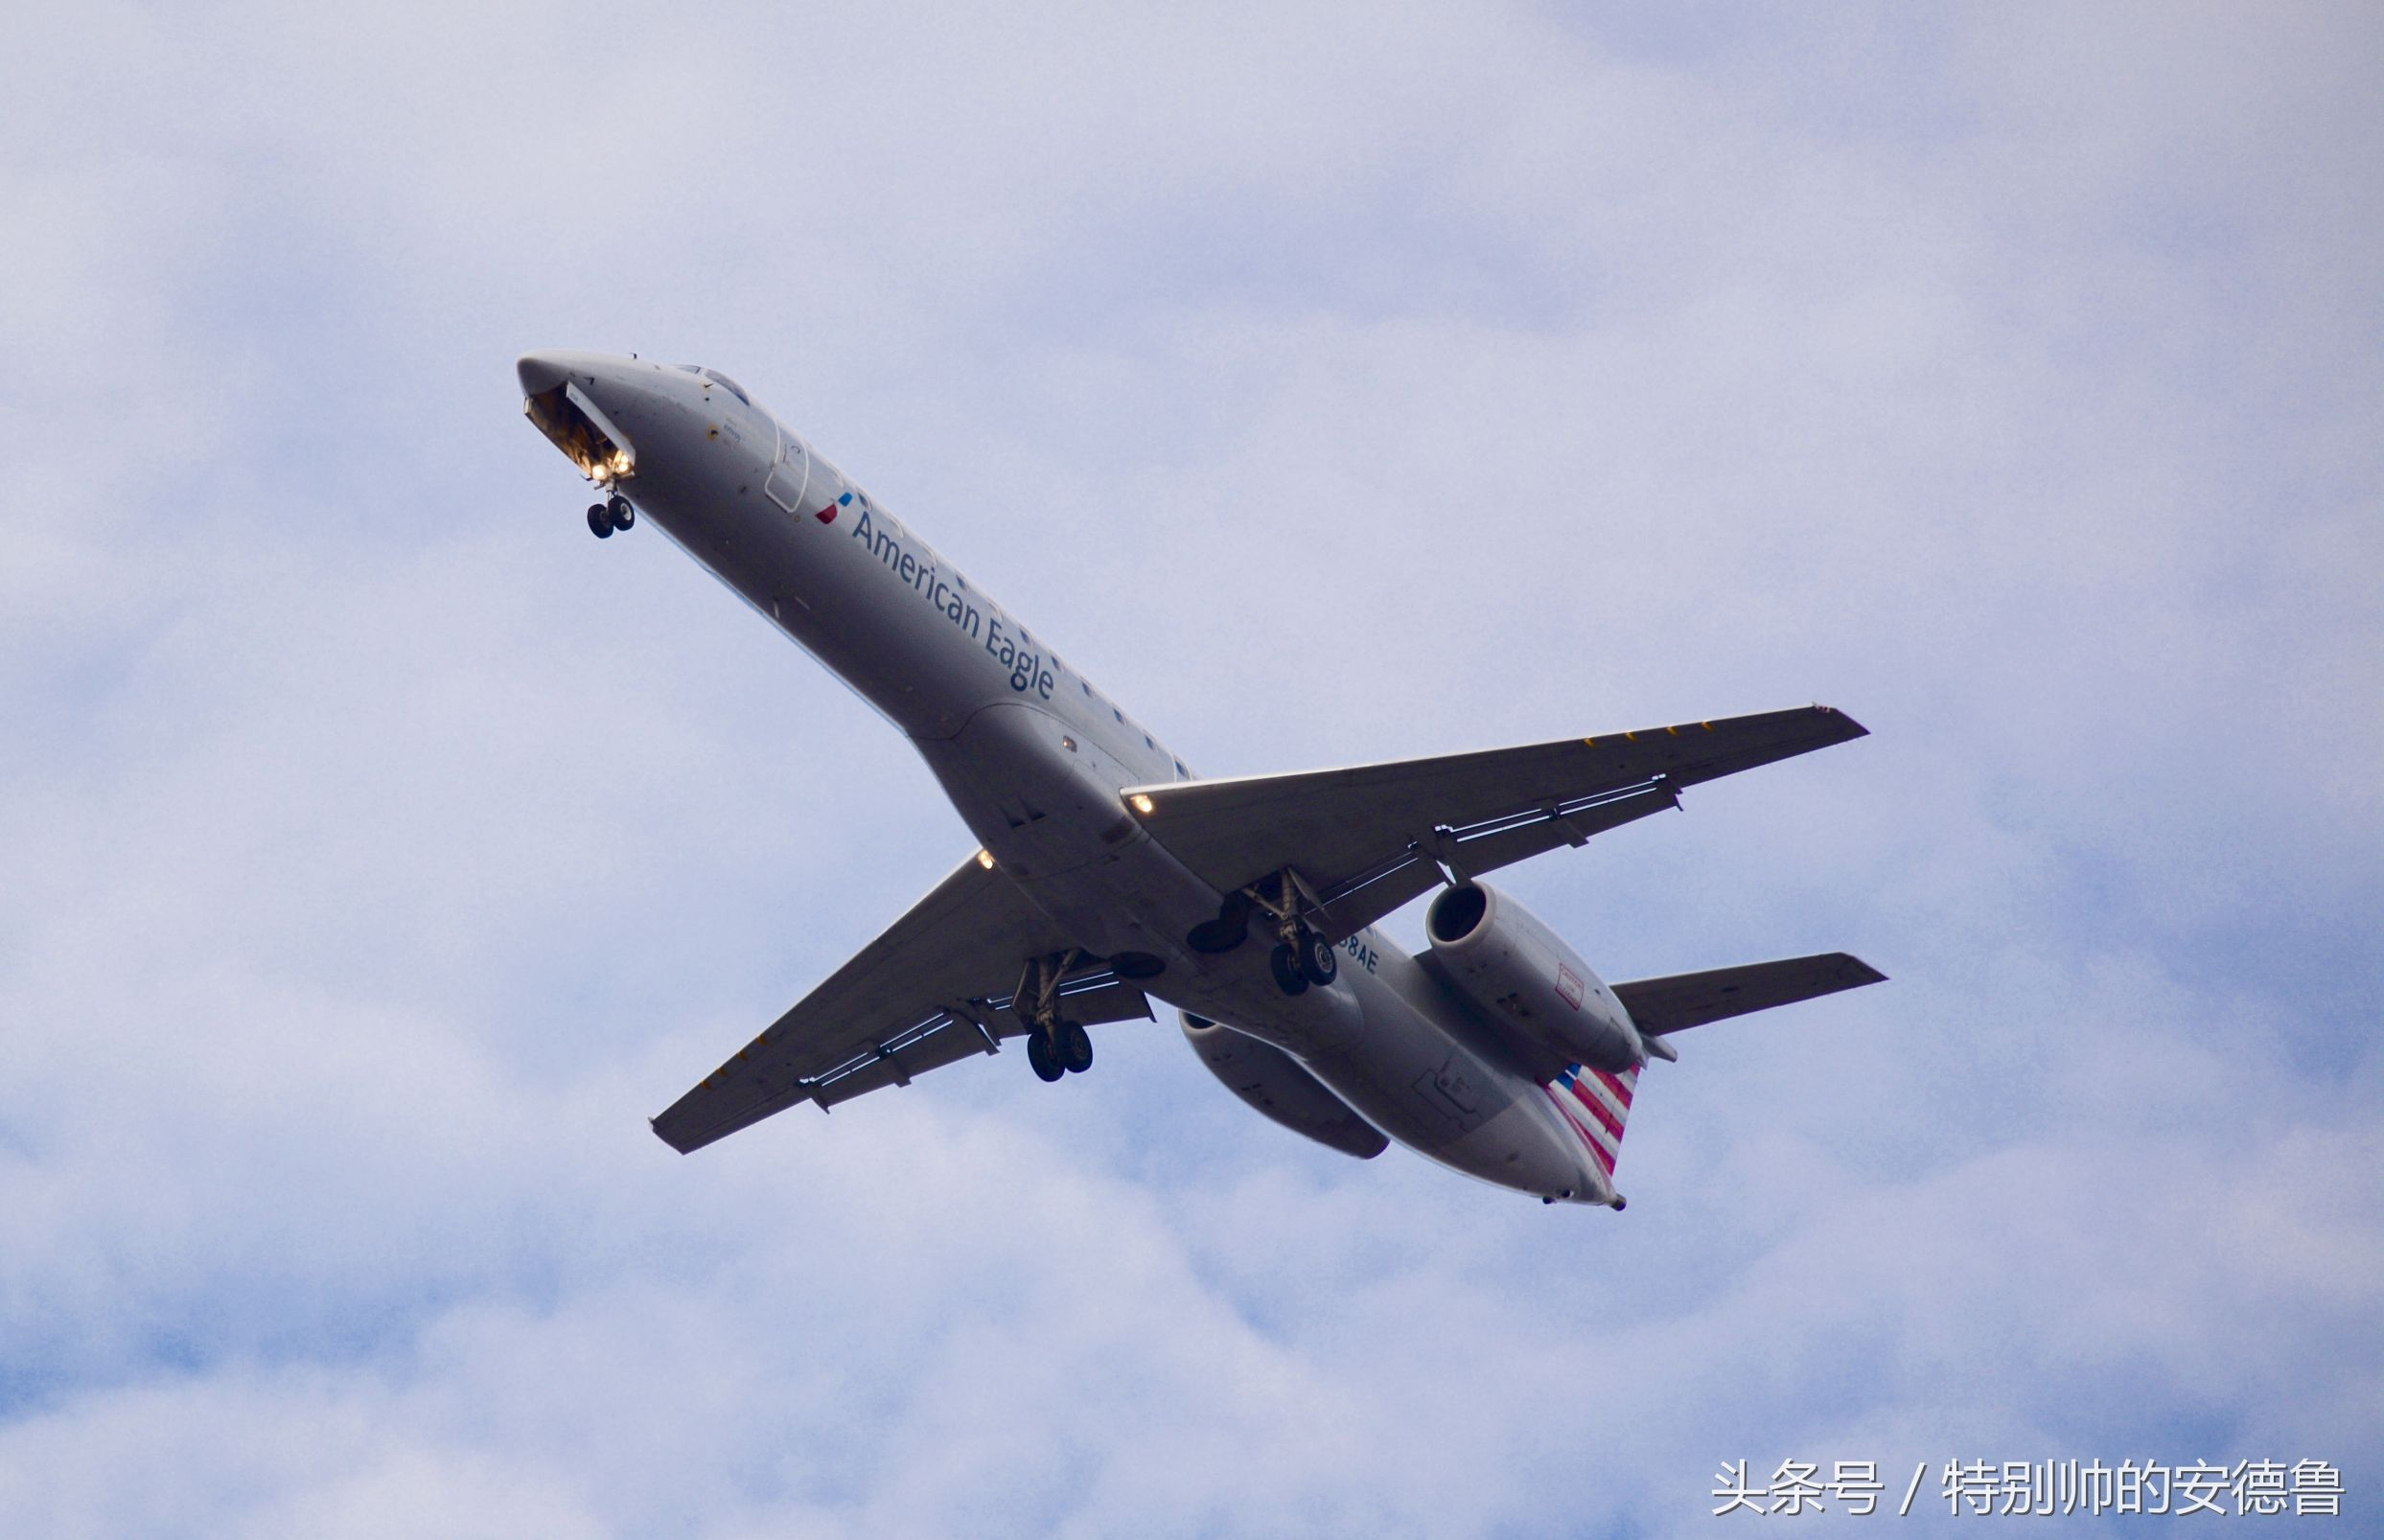 波音,麦道,空客,庞巴迪,巴西航空,看你到底认识多少架飞机